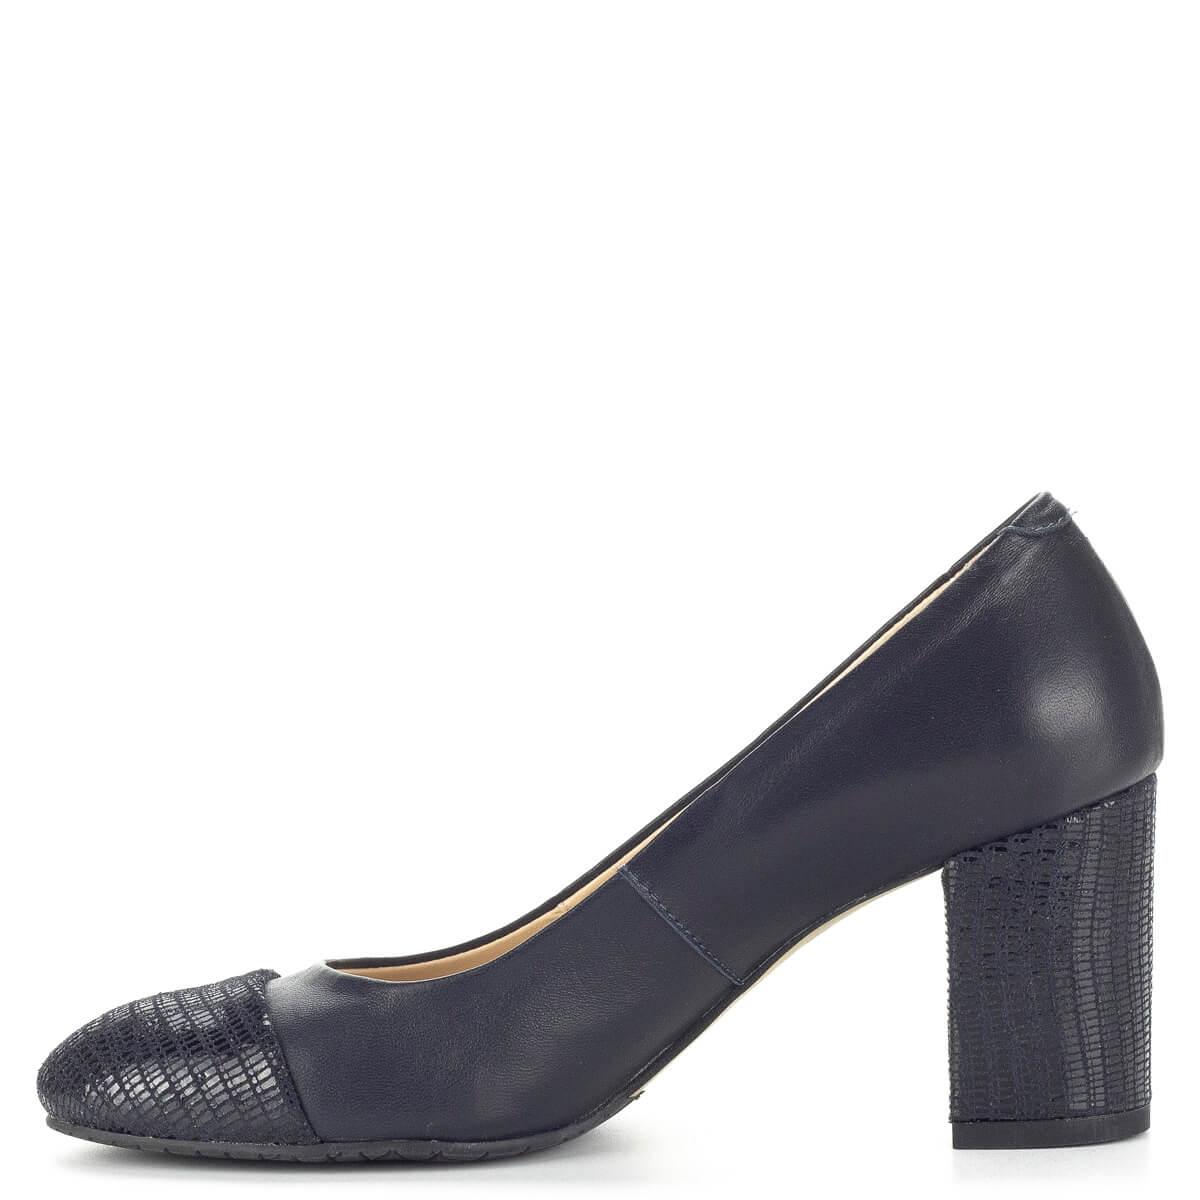 68b37d7199 ... Clarette kék magassarkú női cipő bőr béléssel és bőr felsőrésszel.  Csinos, elegáns női cipő